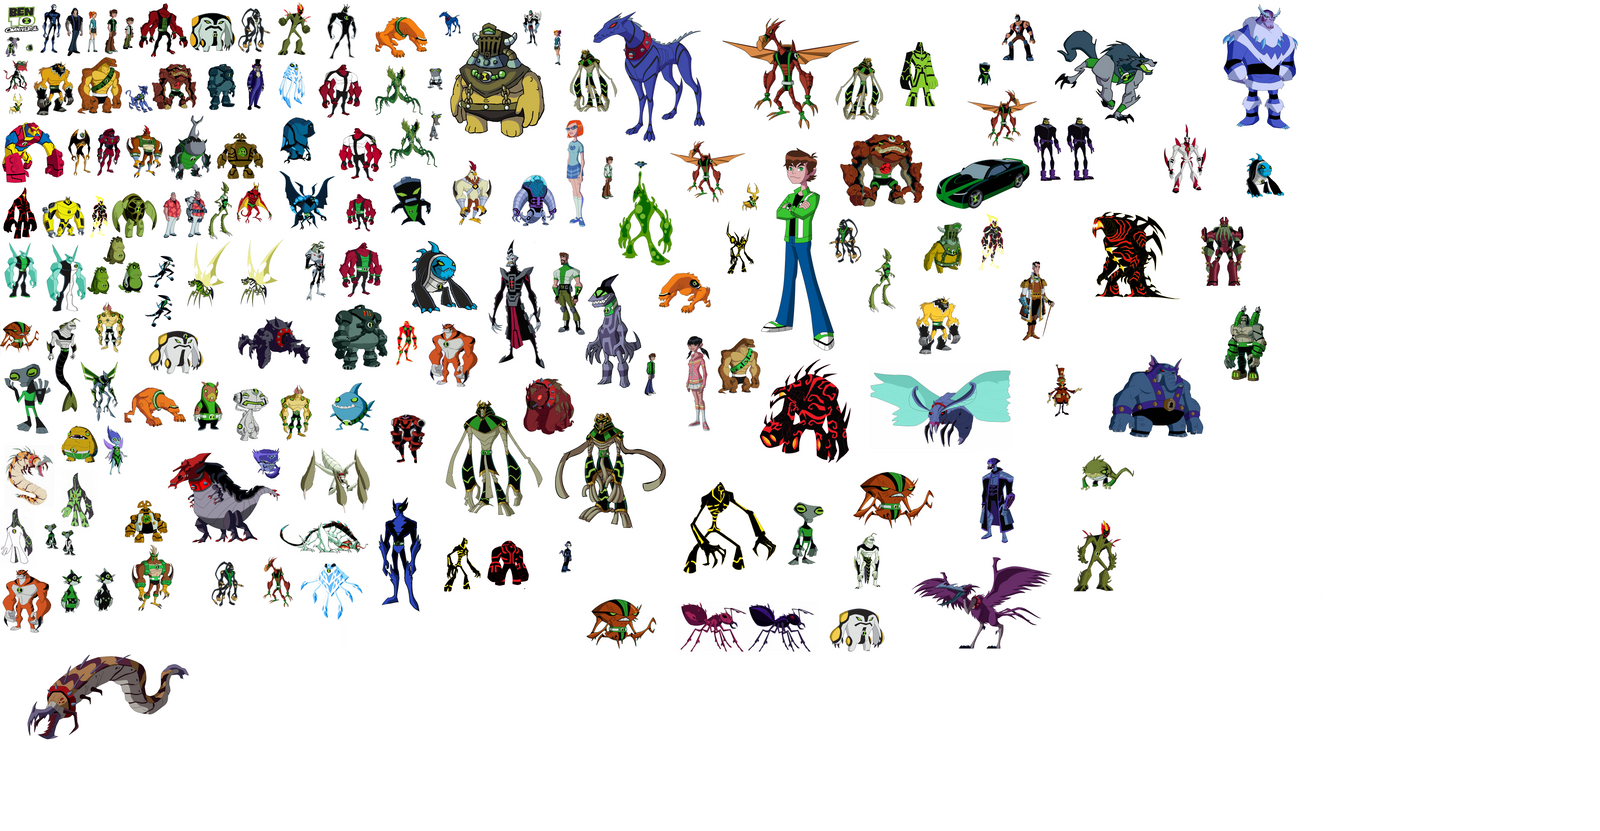 images of alien x ben 10 omniverse spacehero